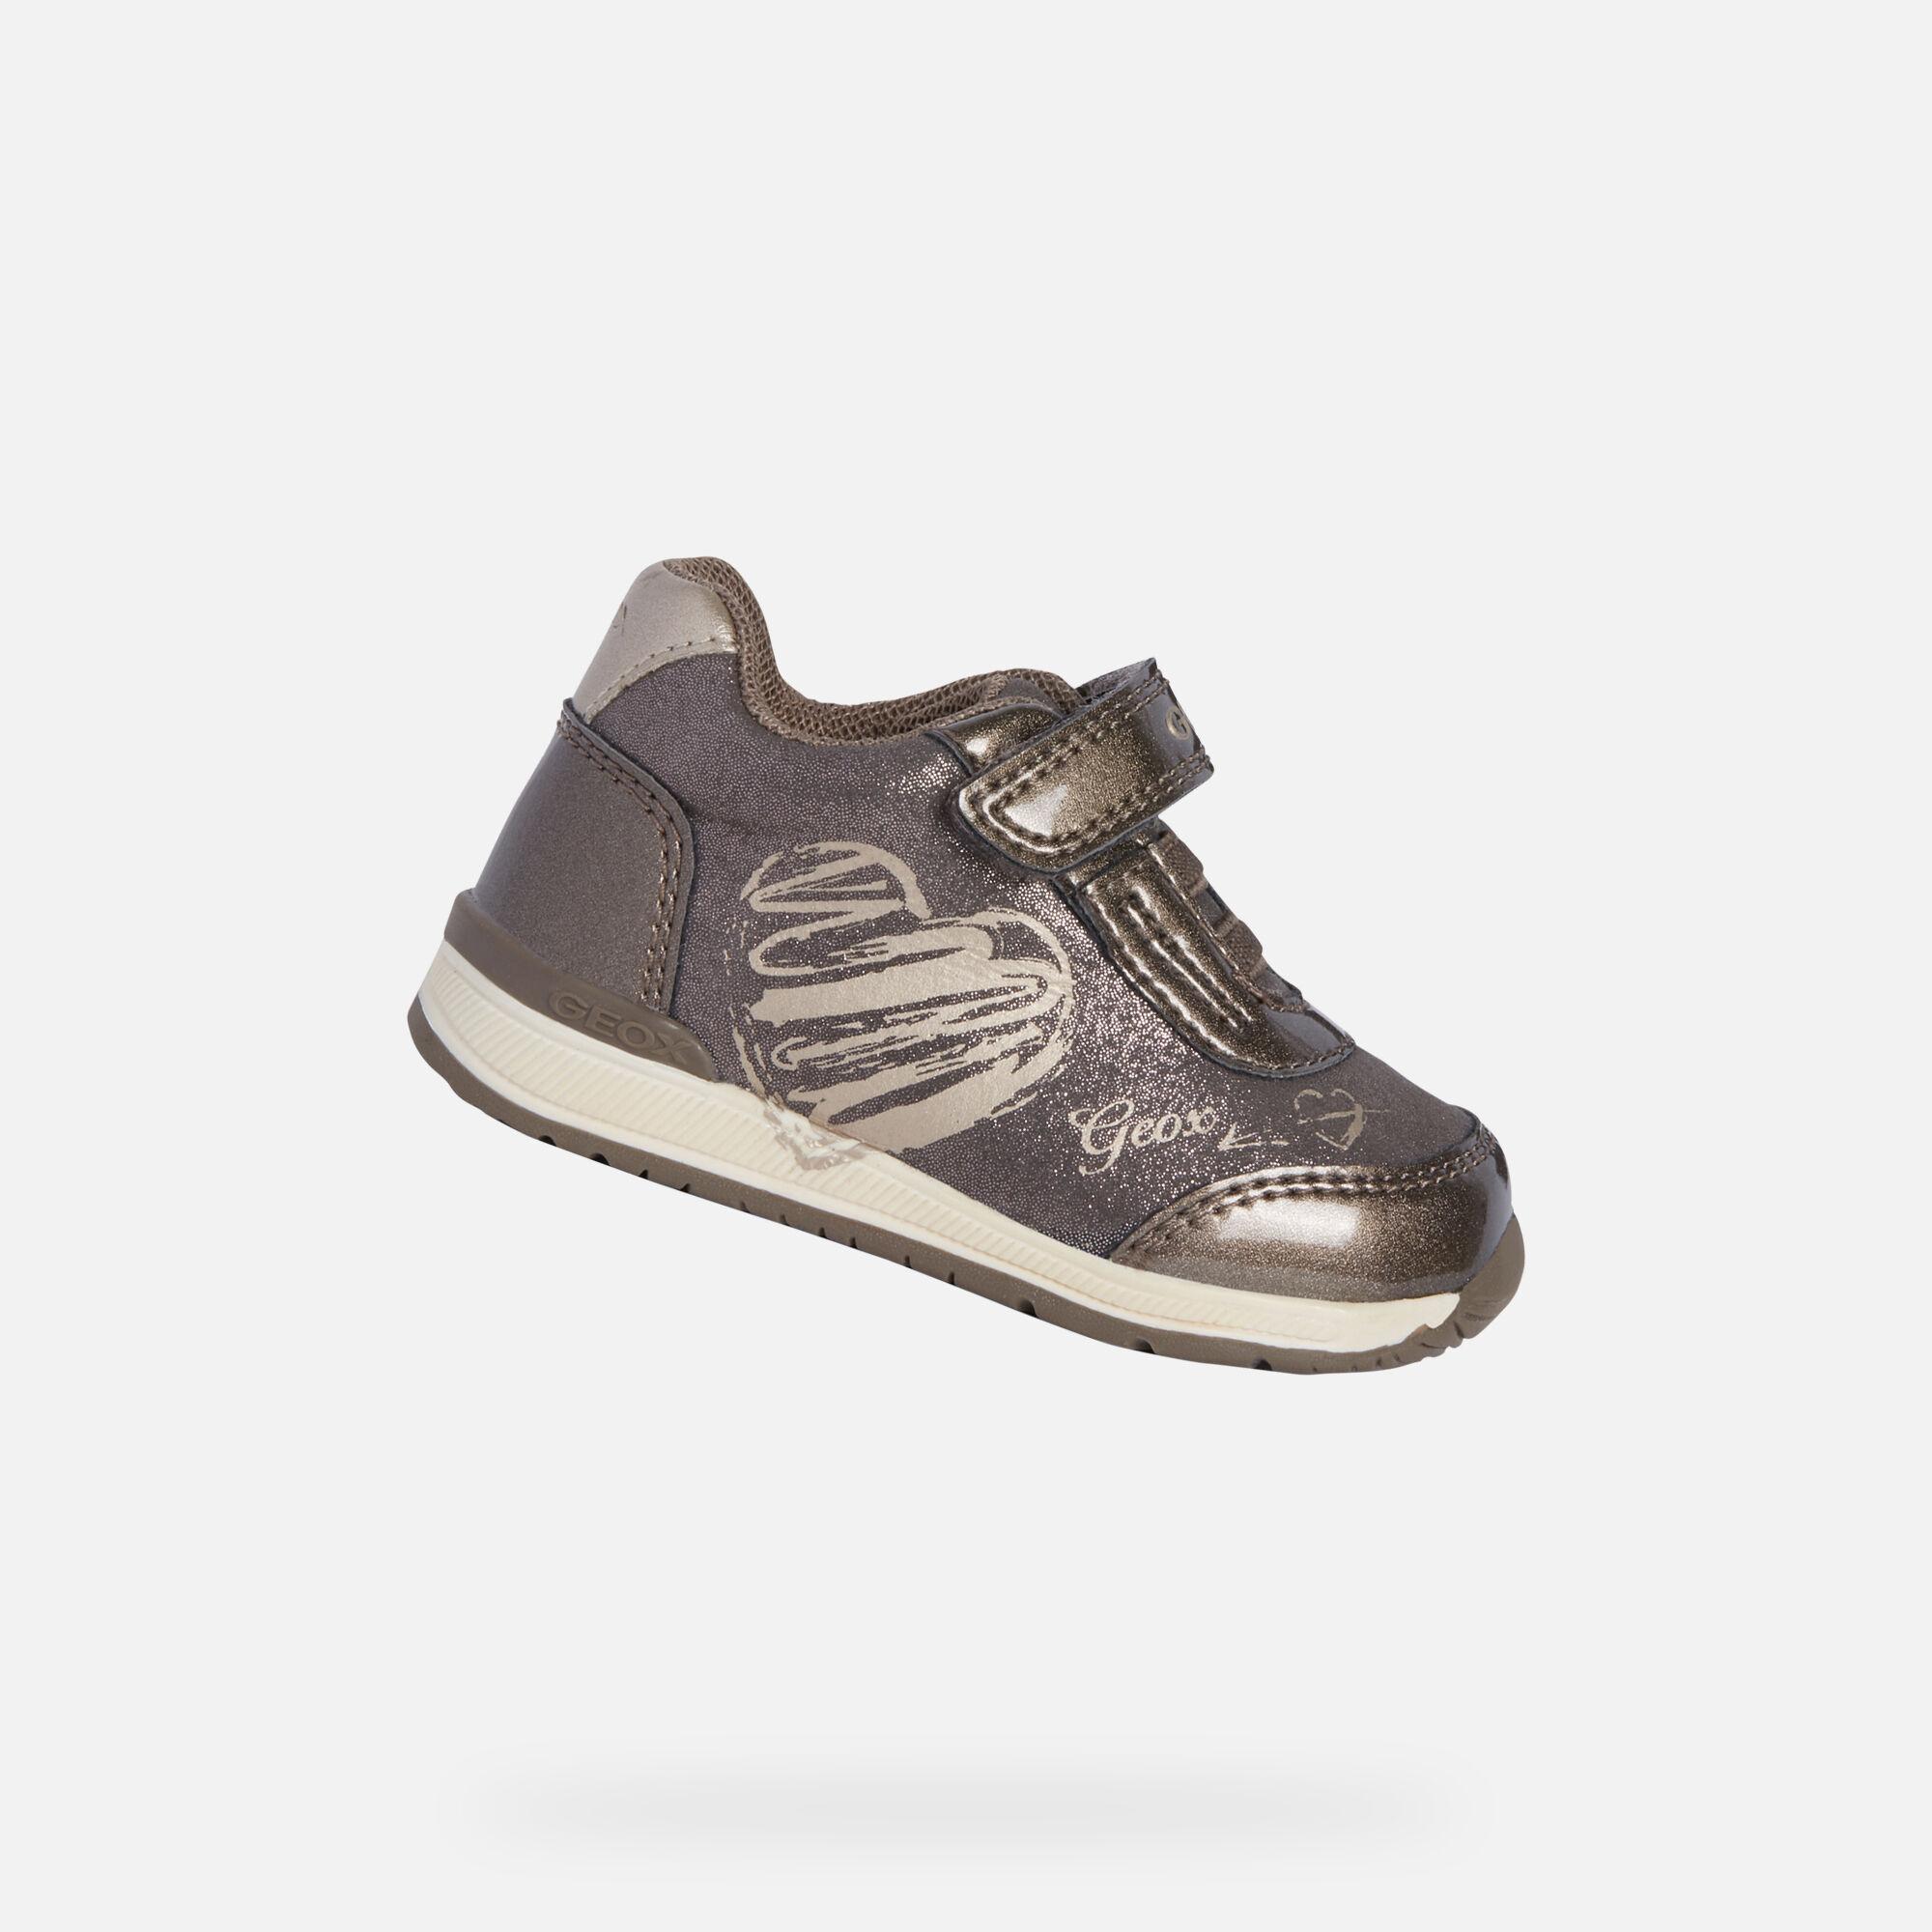 Geox scarpe da bambina primi passi con strappo GreyPink